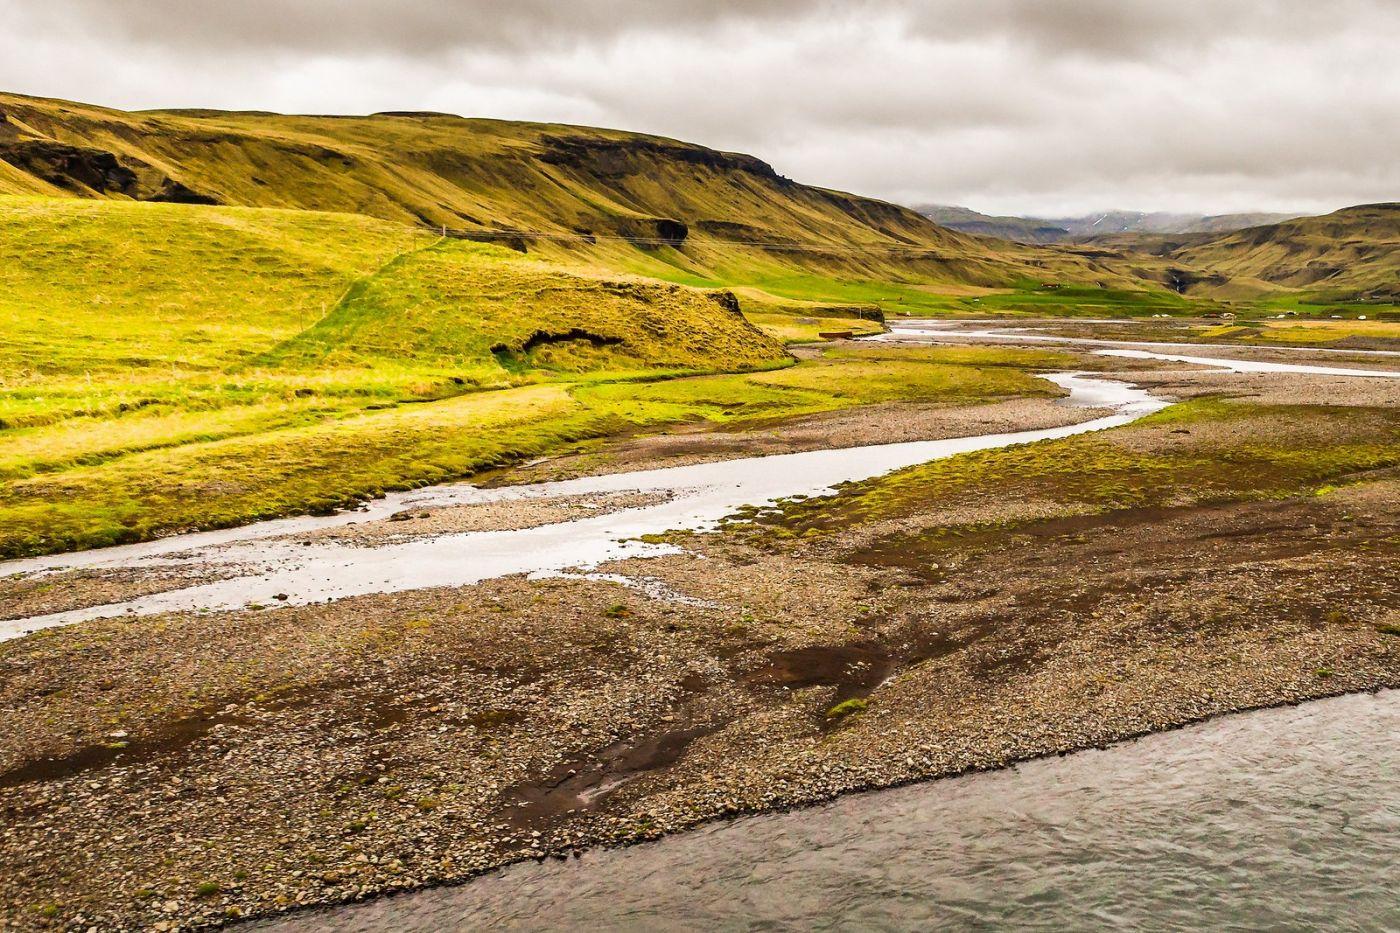 冰岛风采,那一片水景_图1-30